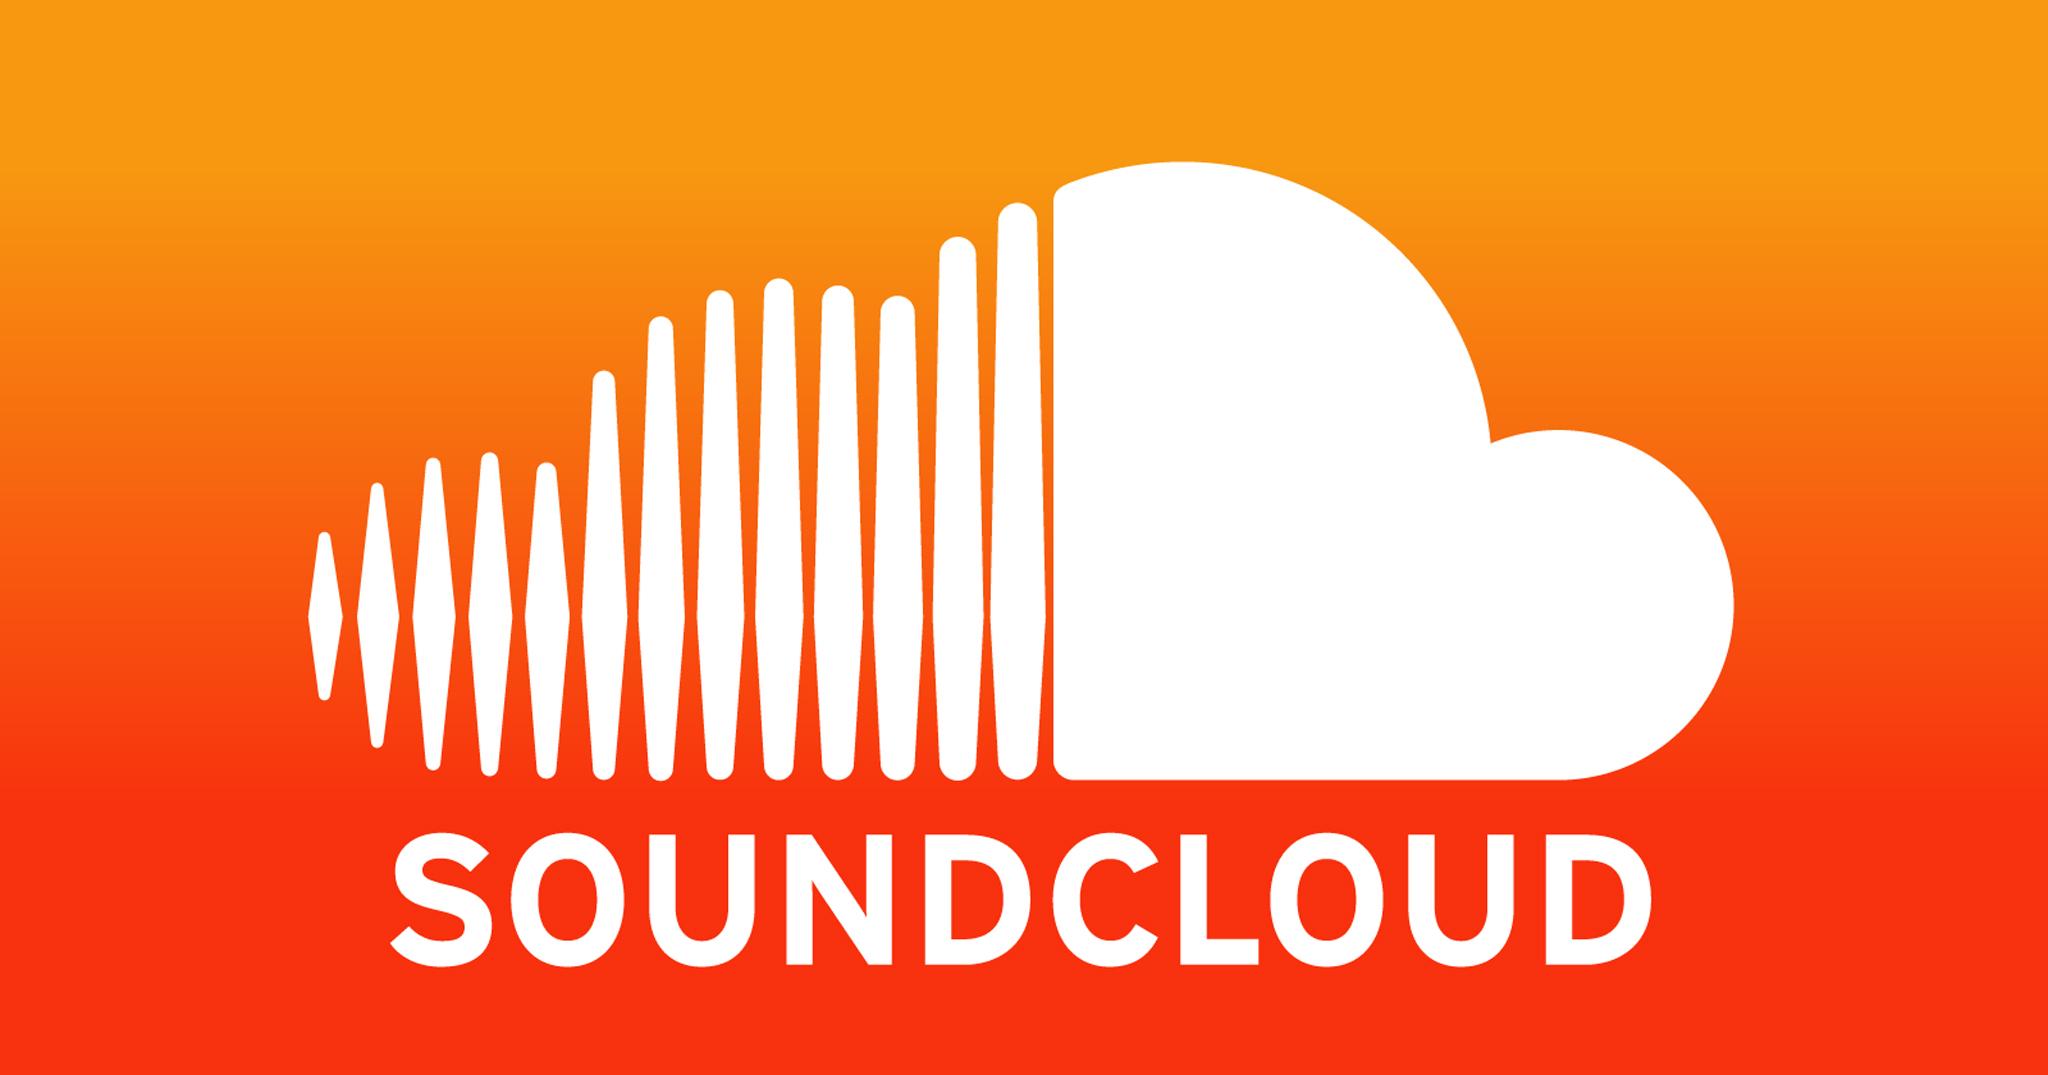 Chia sẻ] SoundCloud là một dịch vụ nghe nhạc tuyệt vời nhưng bị bỏ rơi, anh em có sử dụng không?   Tinh tế